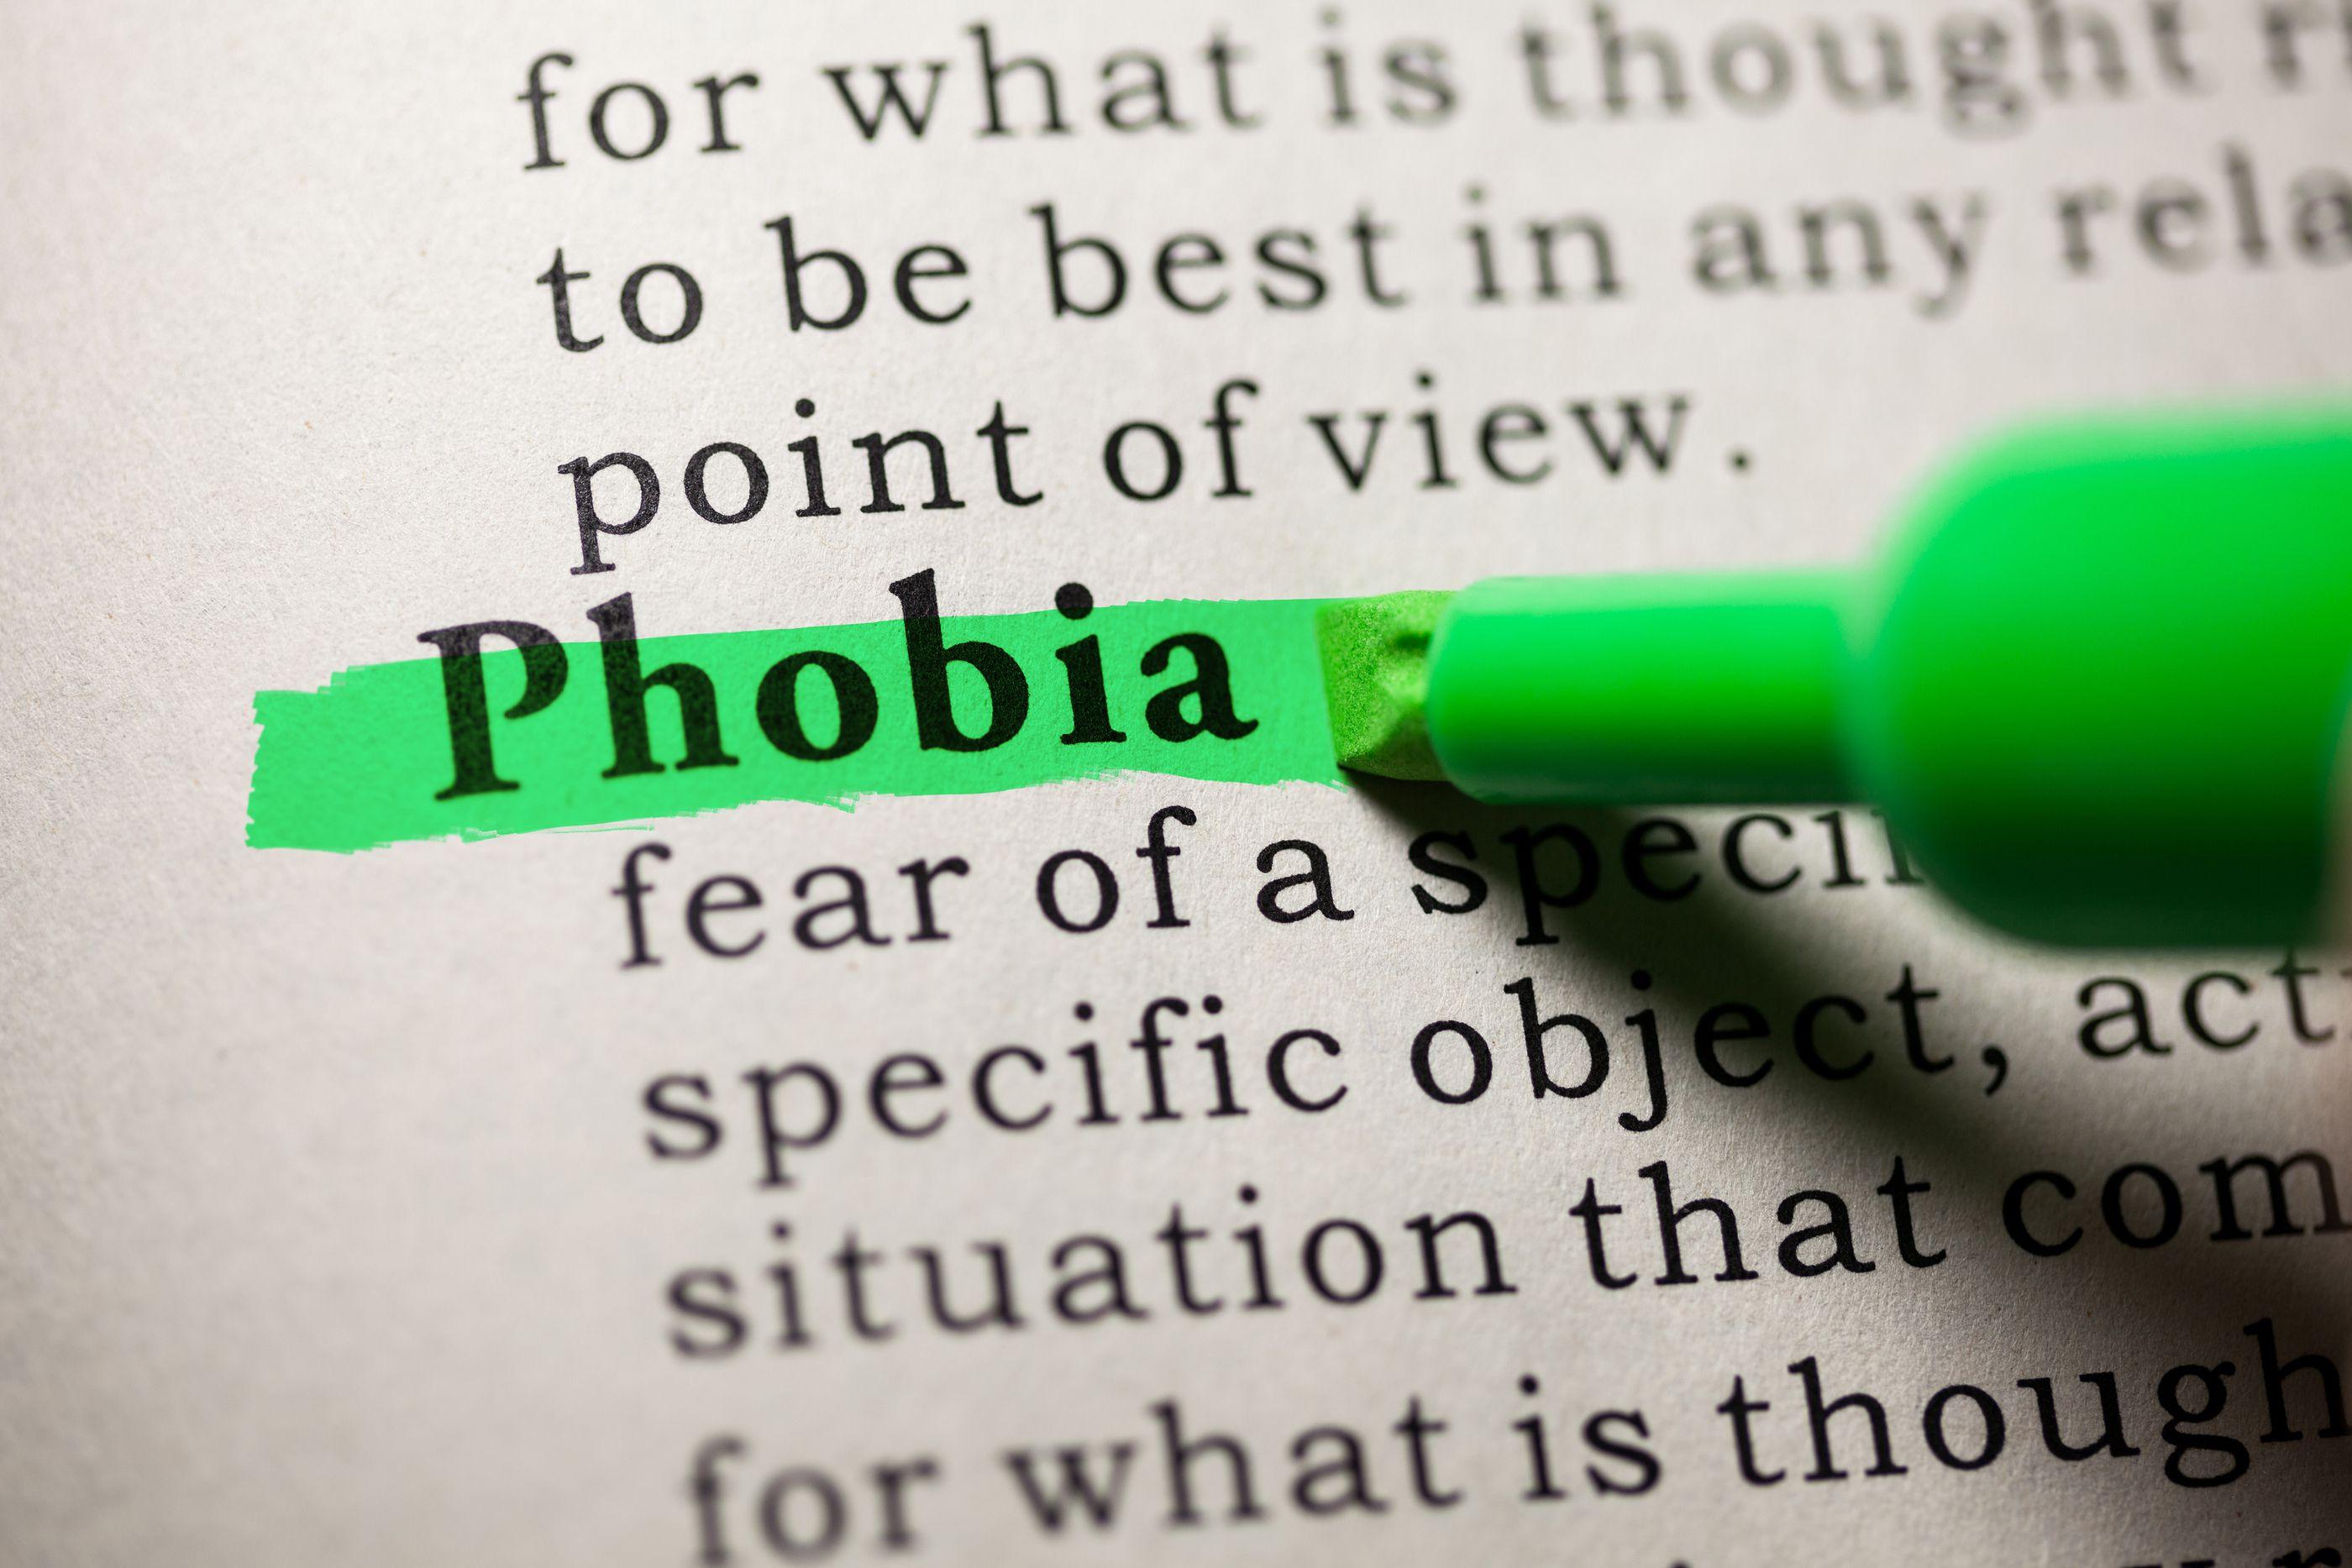 Phobia Specialists, Phobia Specialists